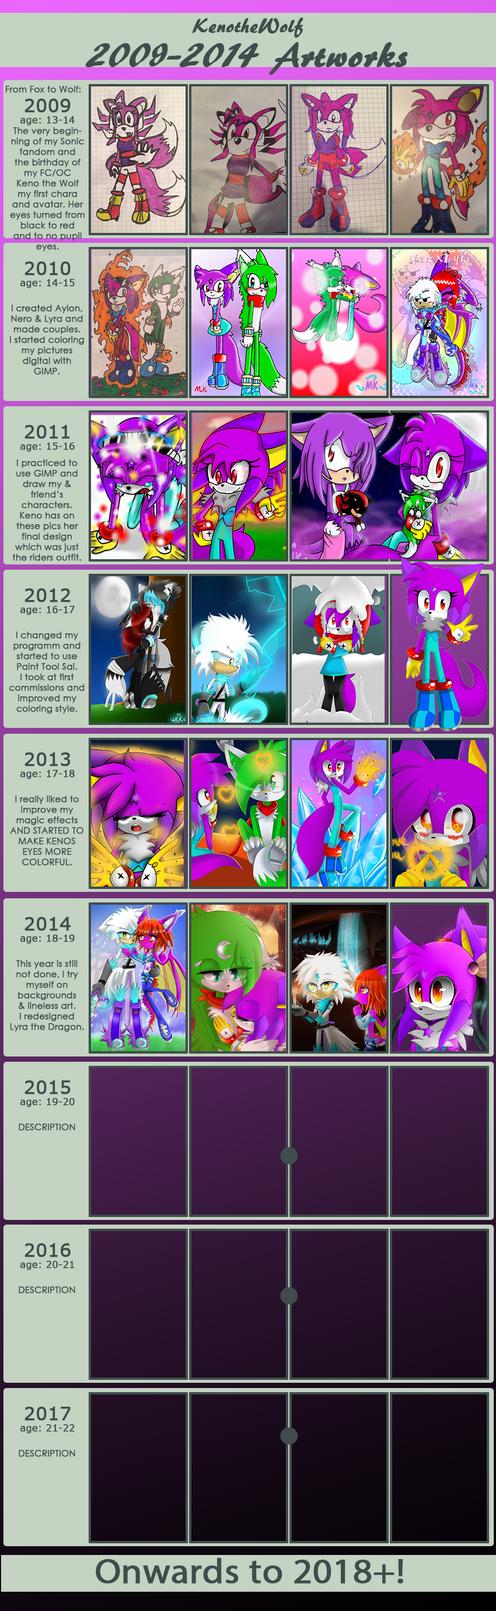 [KenotheWolf] -History of Art - 2009-2014 by KenotheWolf